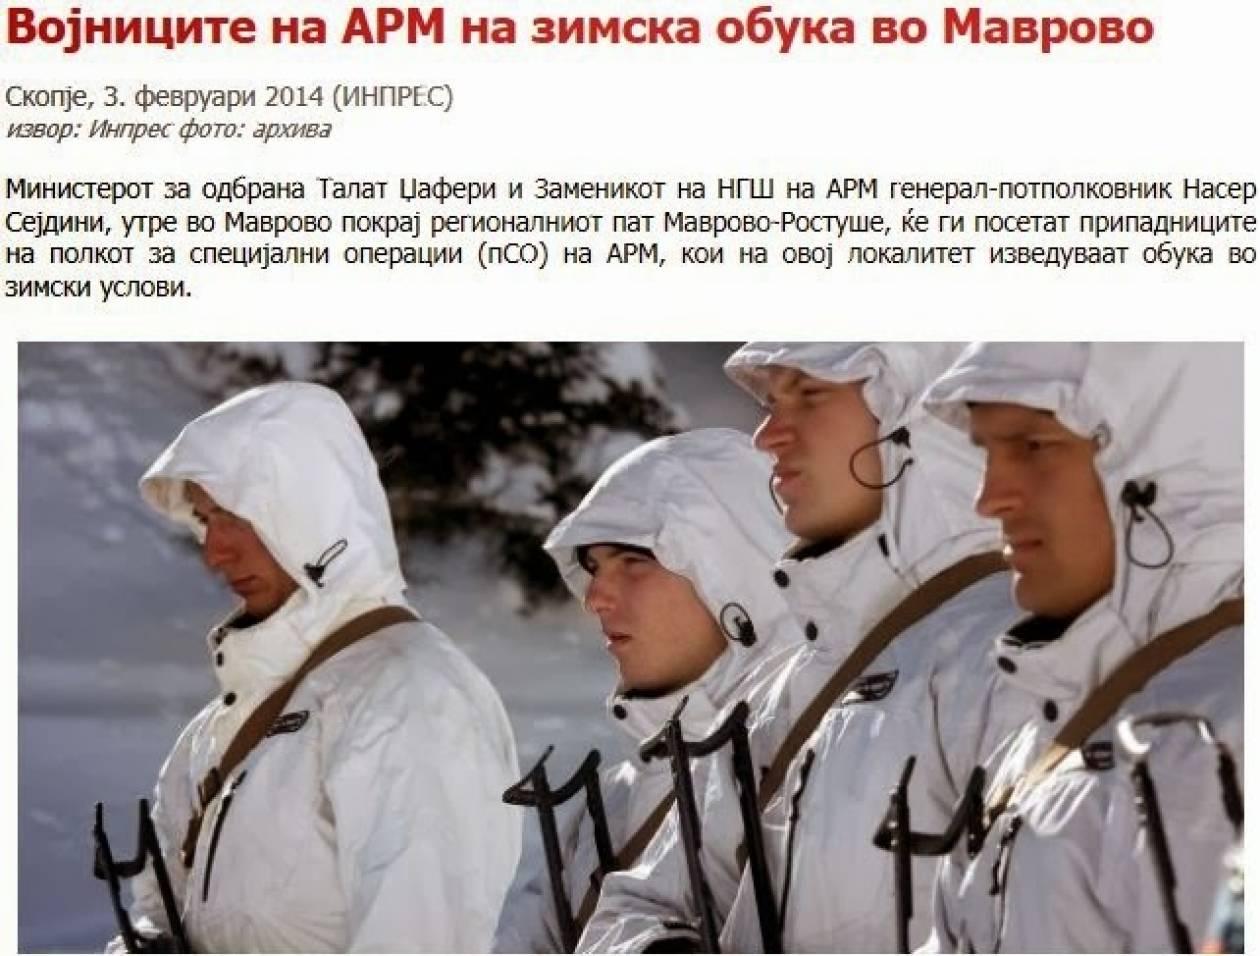 Σκόπια: Εκπαίδευση στρατιωτικών σε χειμερινές συνθήκες